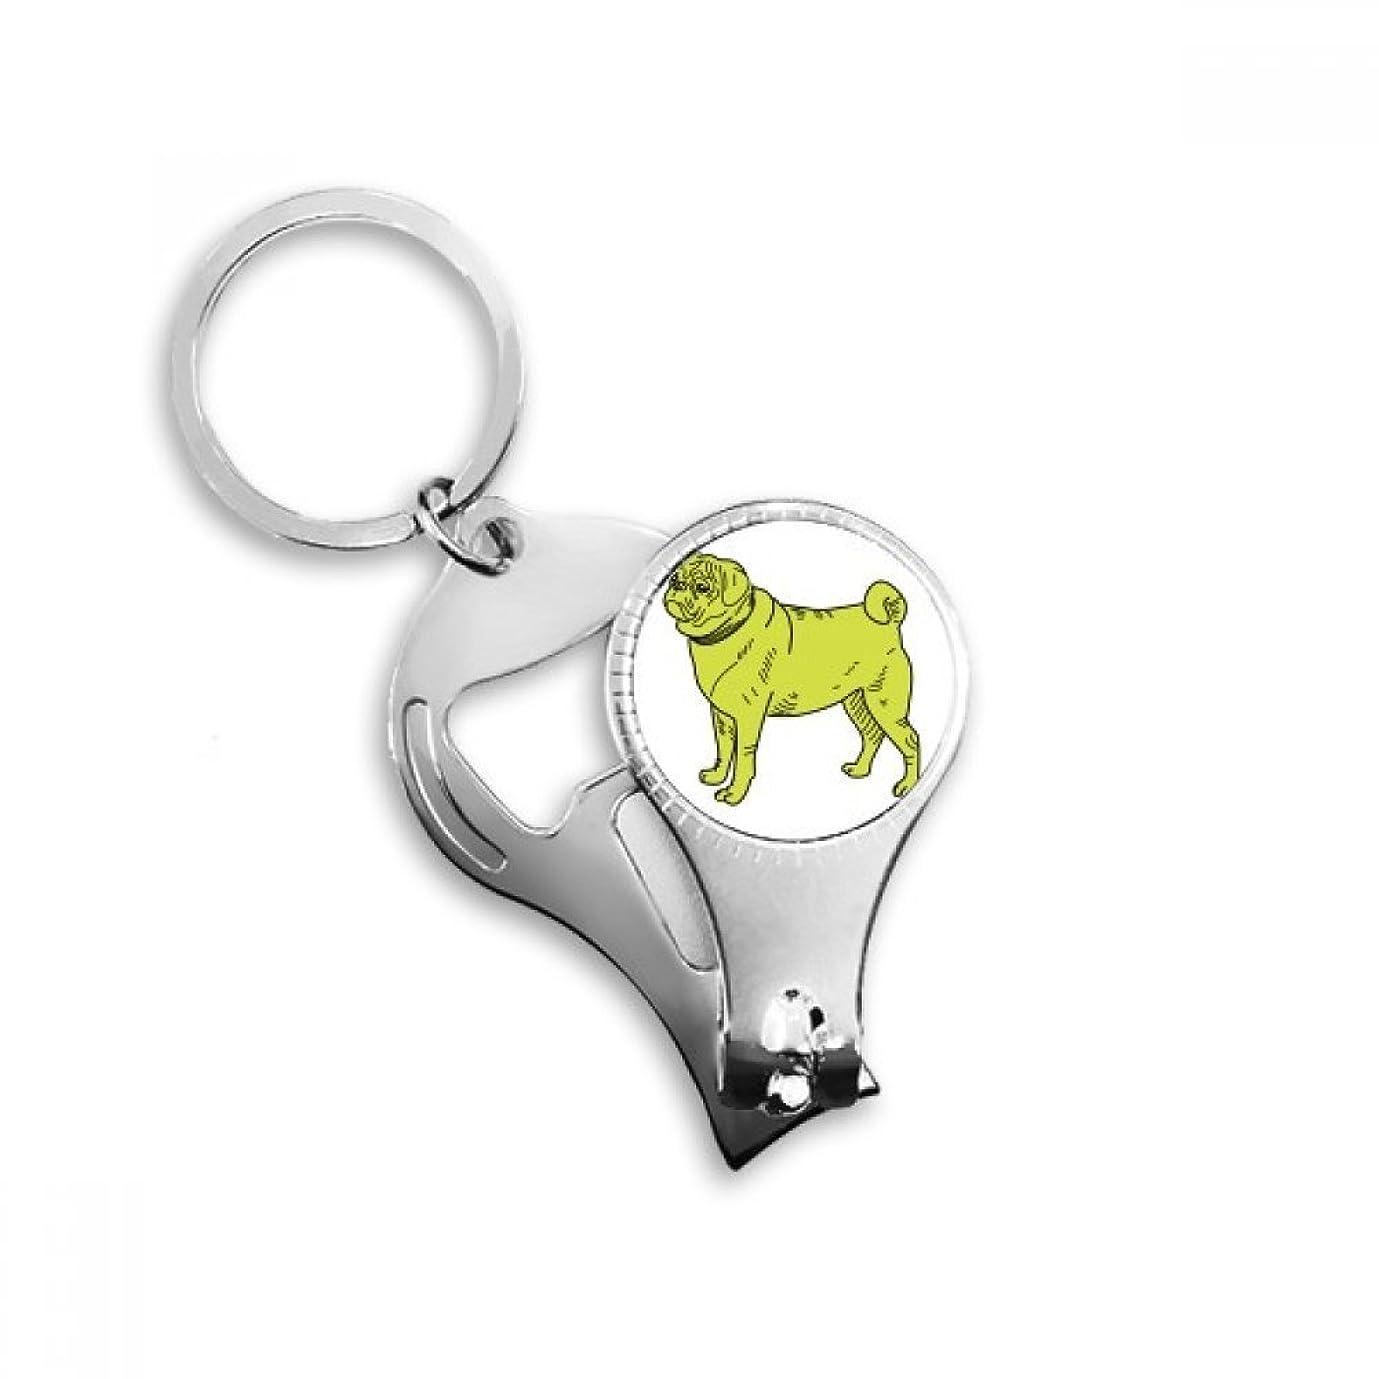 慣習エキスマトリックスPINGFUFF HOME 黄色漫画犬イラストパターンキーチェーンリングつま先ネイルクリッパーカッターはさみツールキット栓抜きギフト